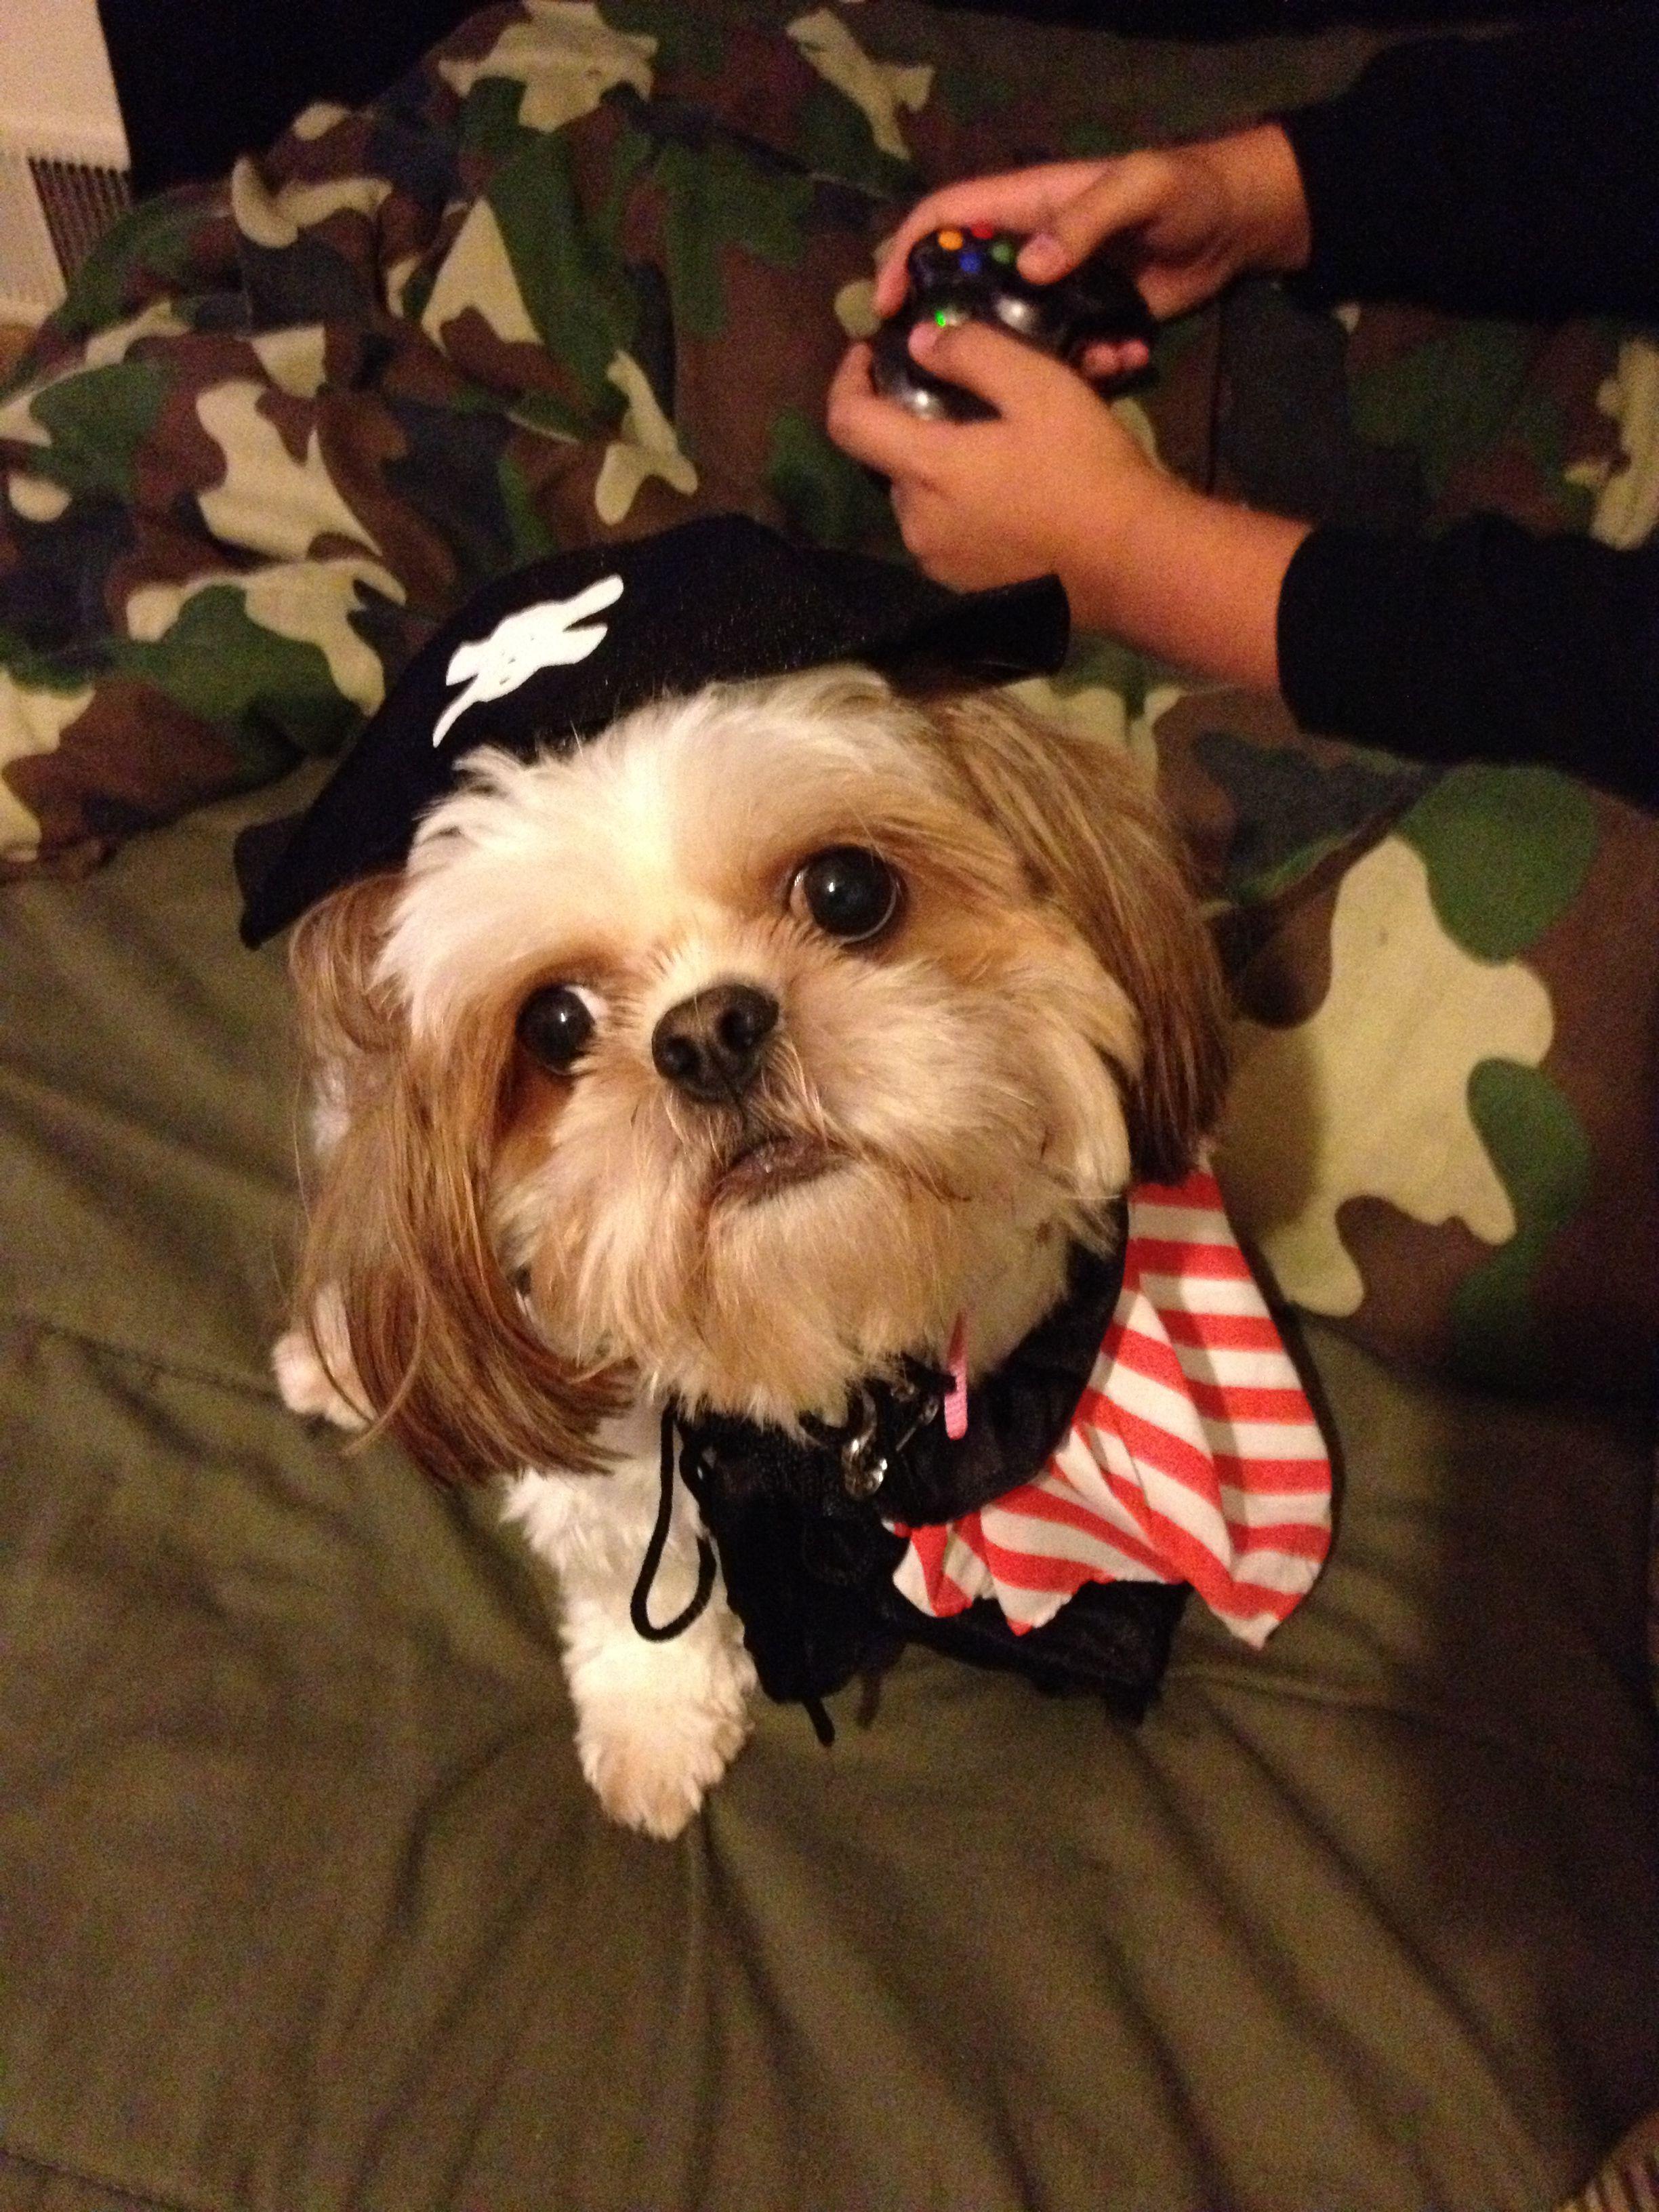 Shih Tzu Pirate Shih Tzu Doggy Dogs